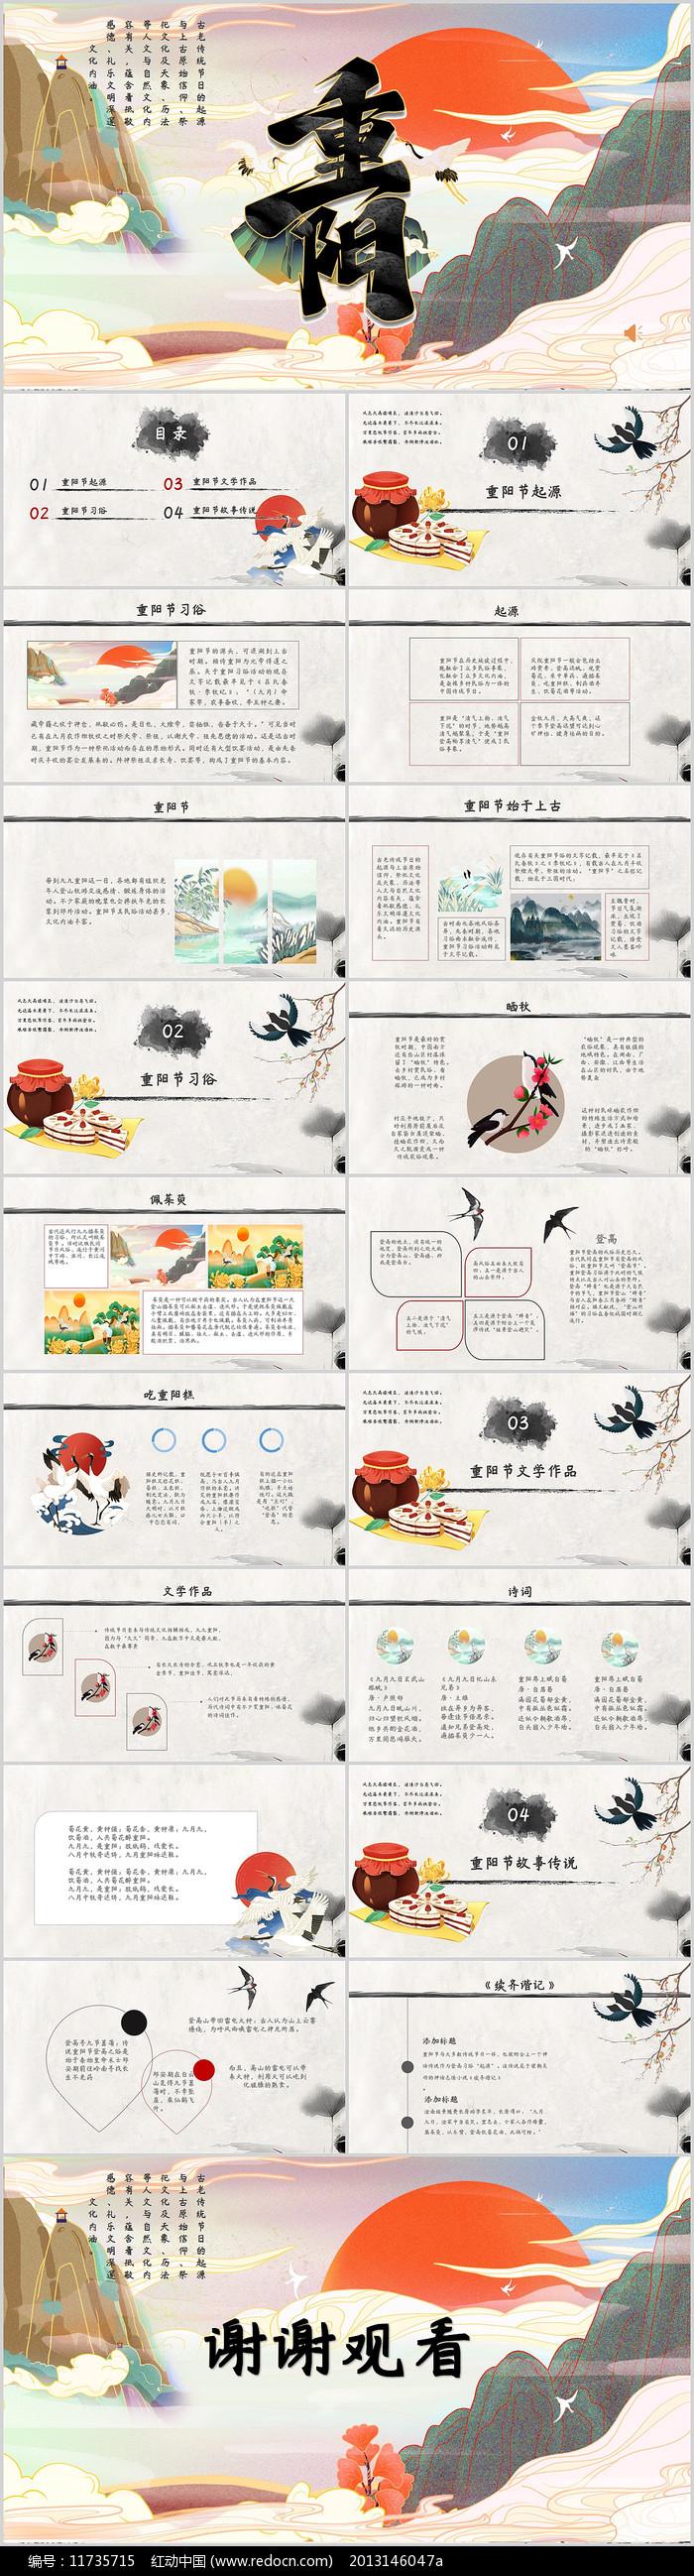 中国风重阳节PPT模板图片